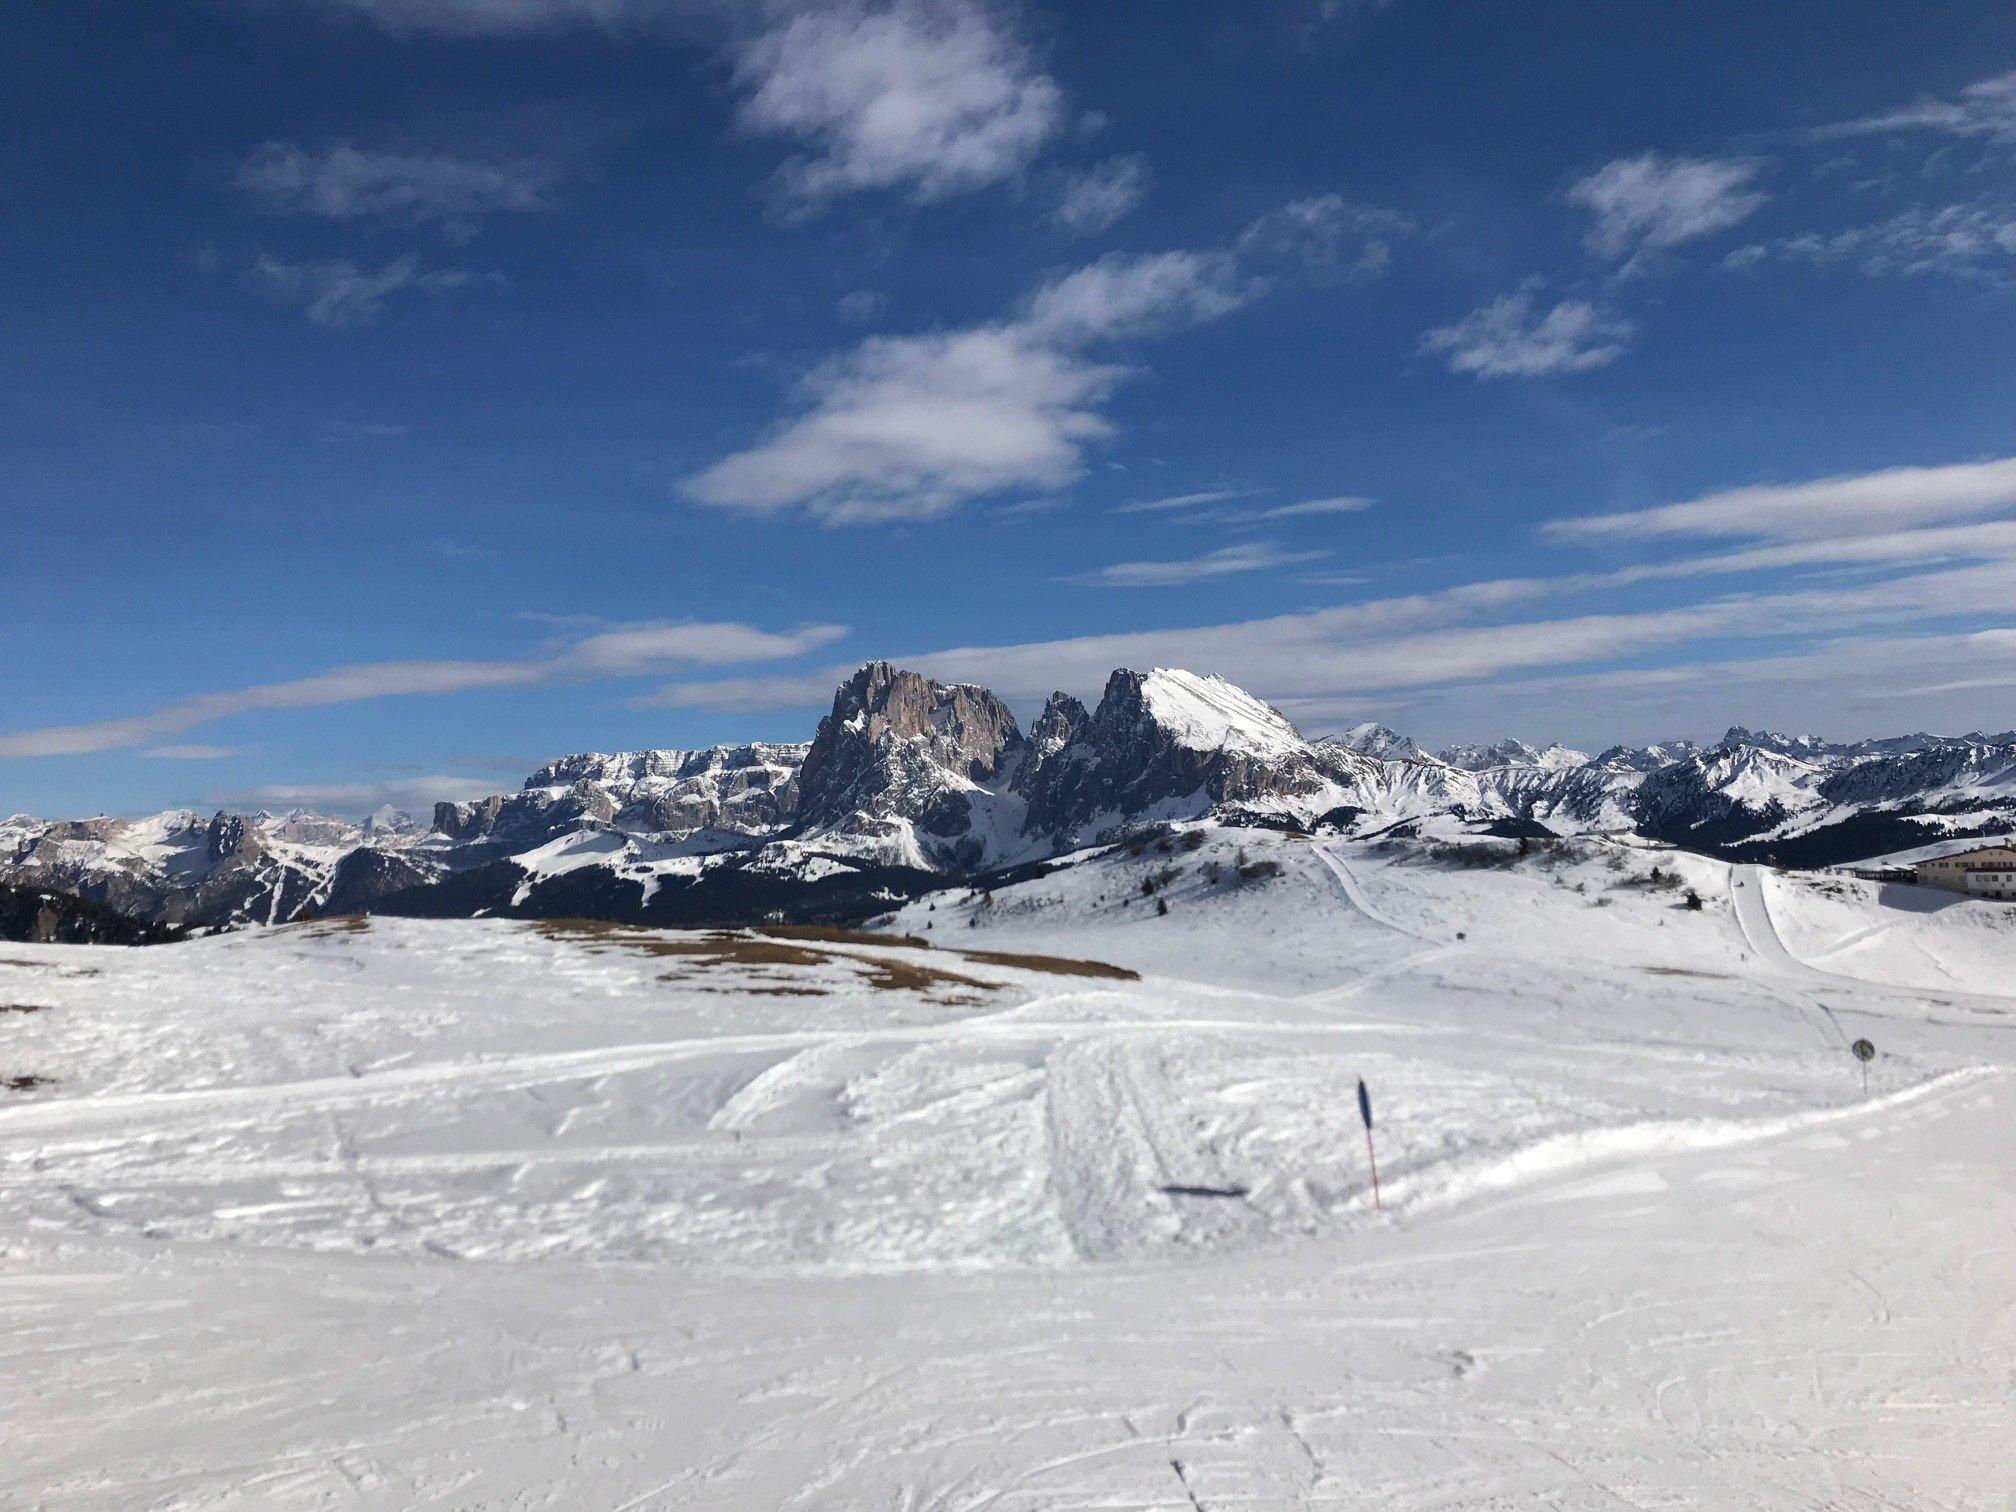 Il Panorama che vedono i nostri occhi sciando sulle Dolomiti